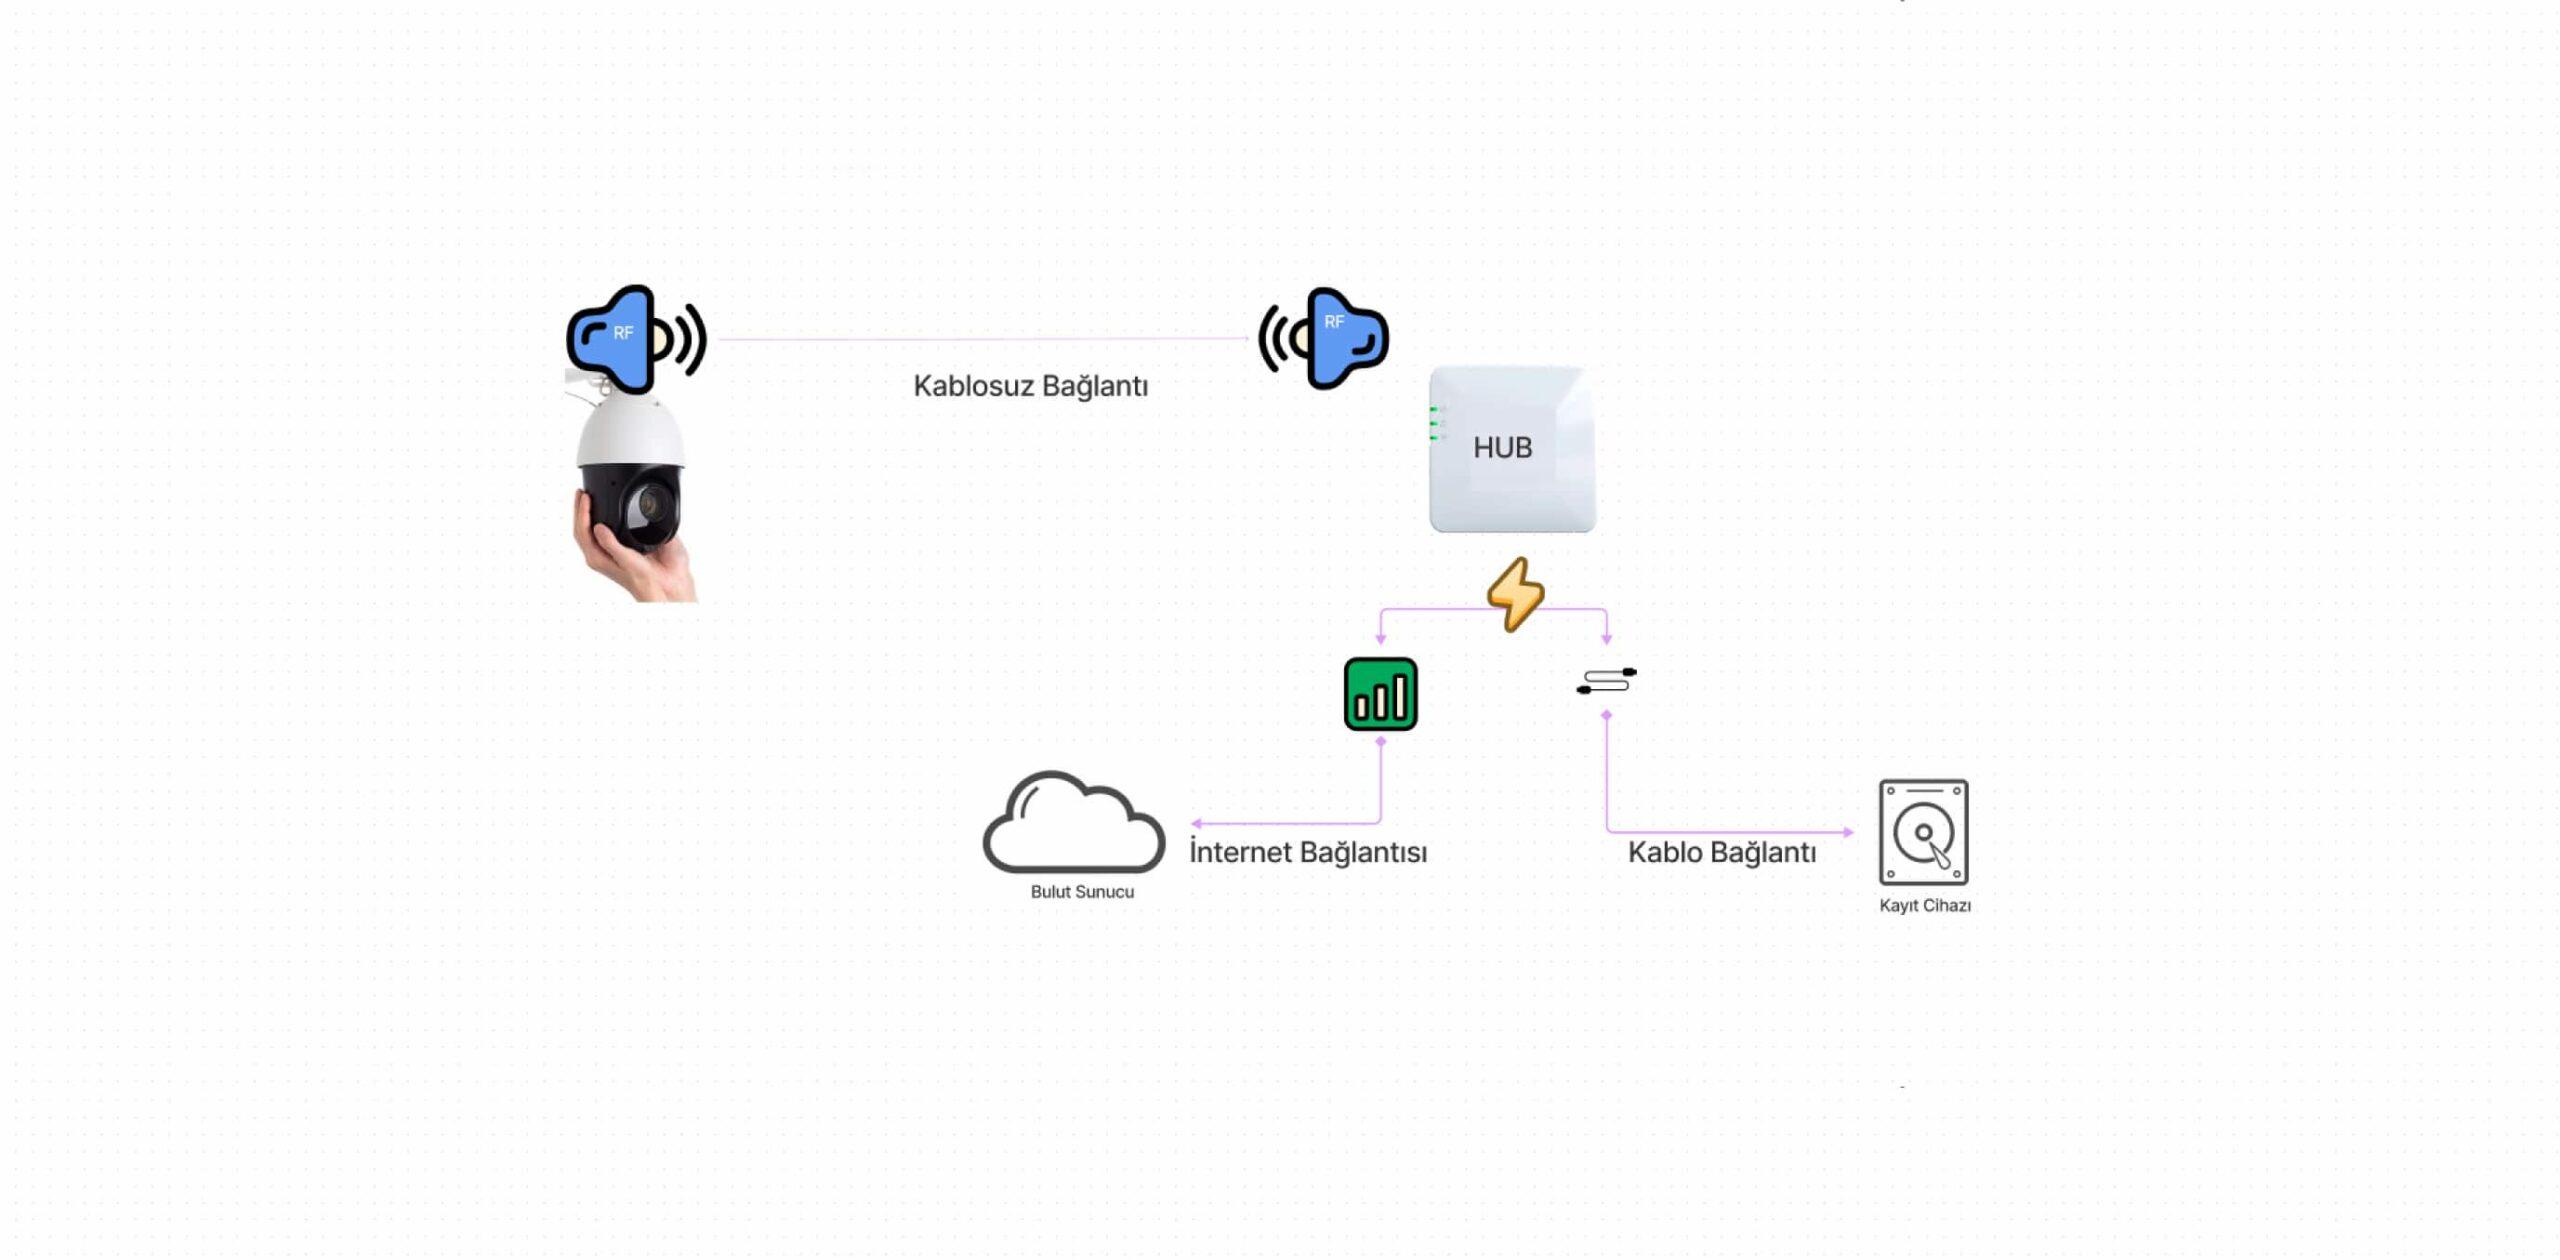 Kablosuz güvenlik kamerası nasıl çalışır?